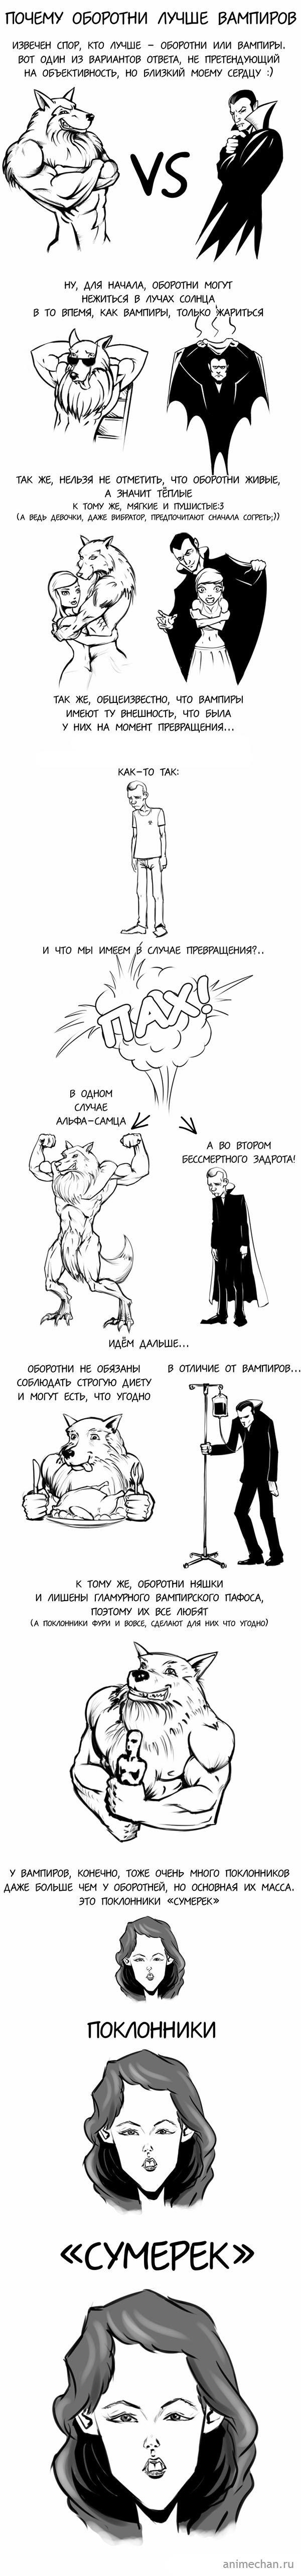 Оборотни лучше чем вампиры